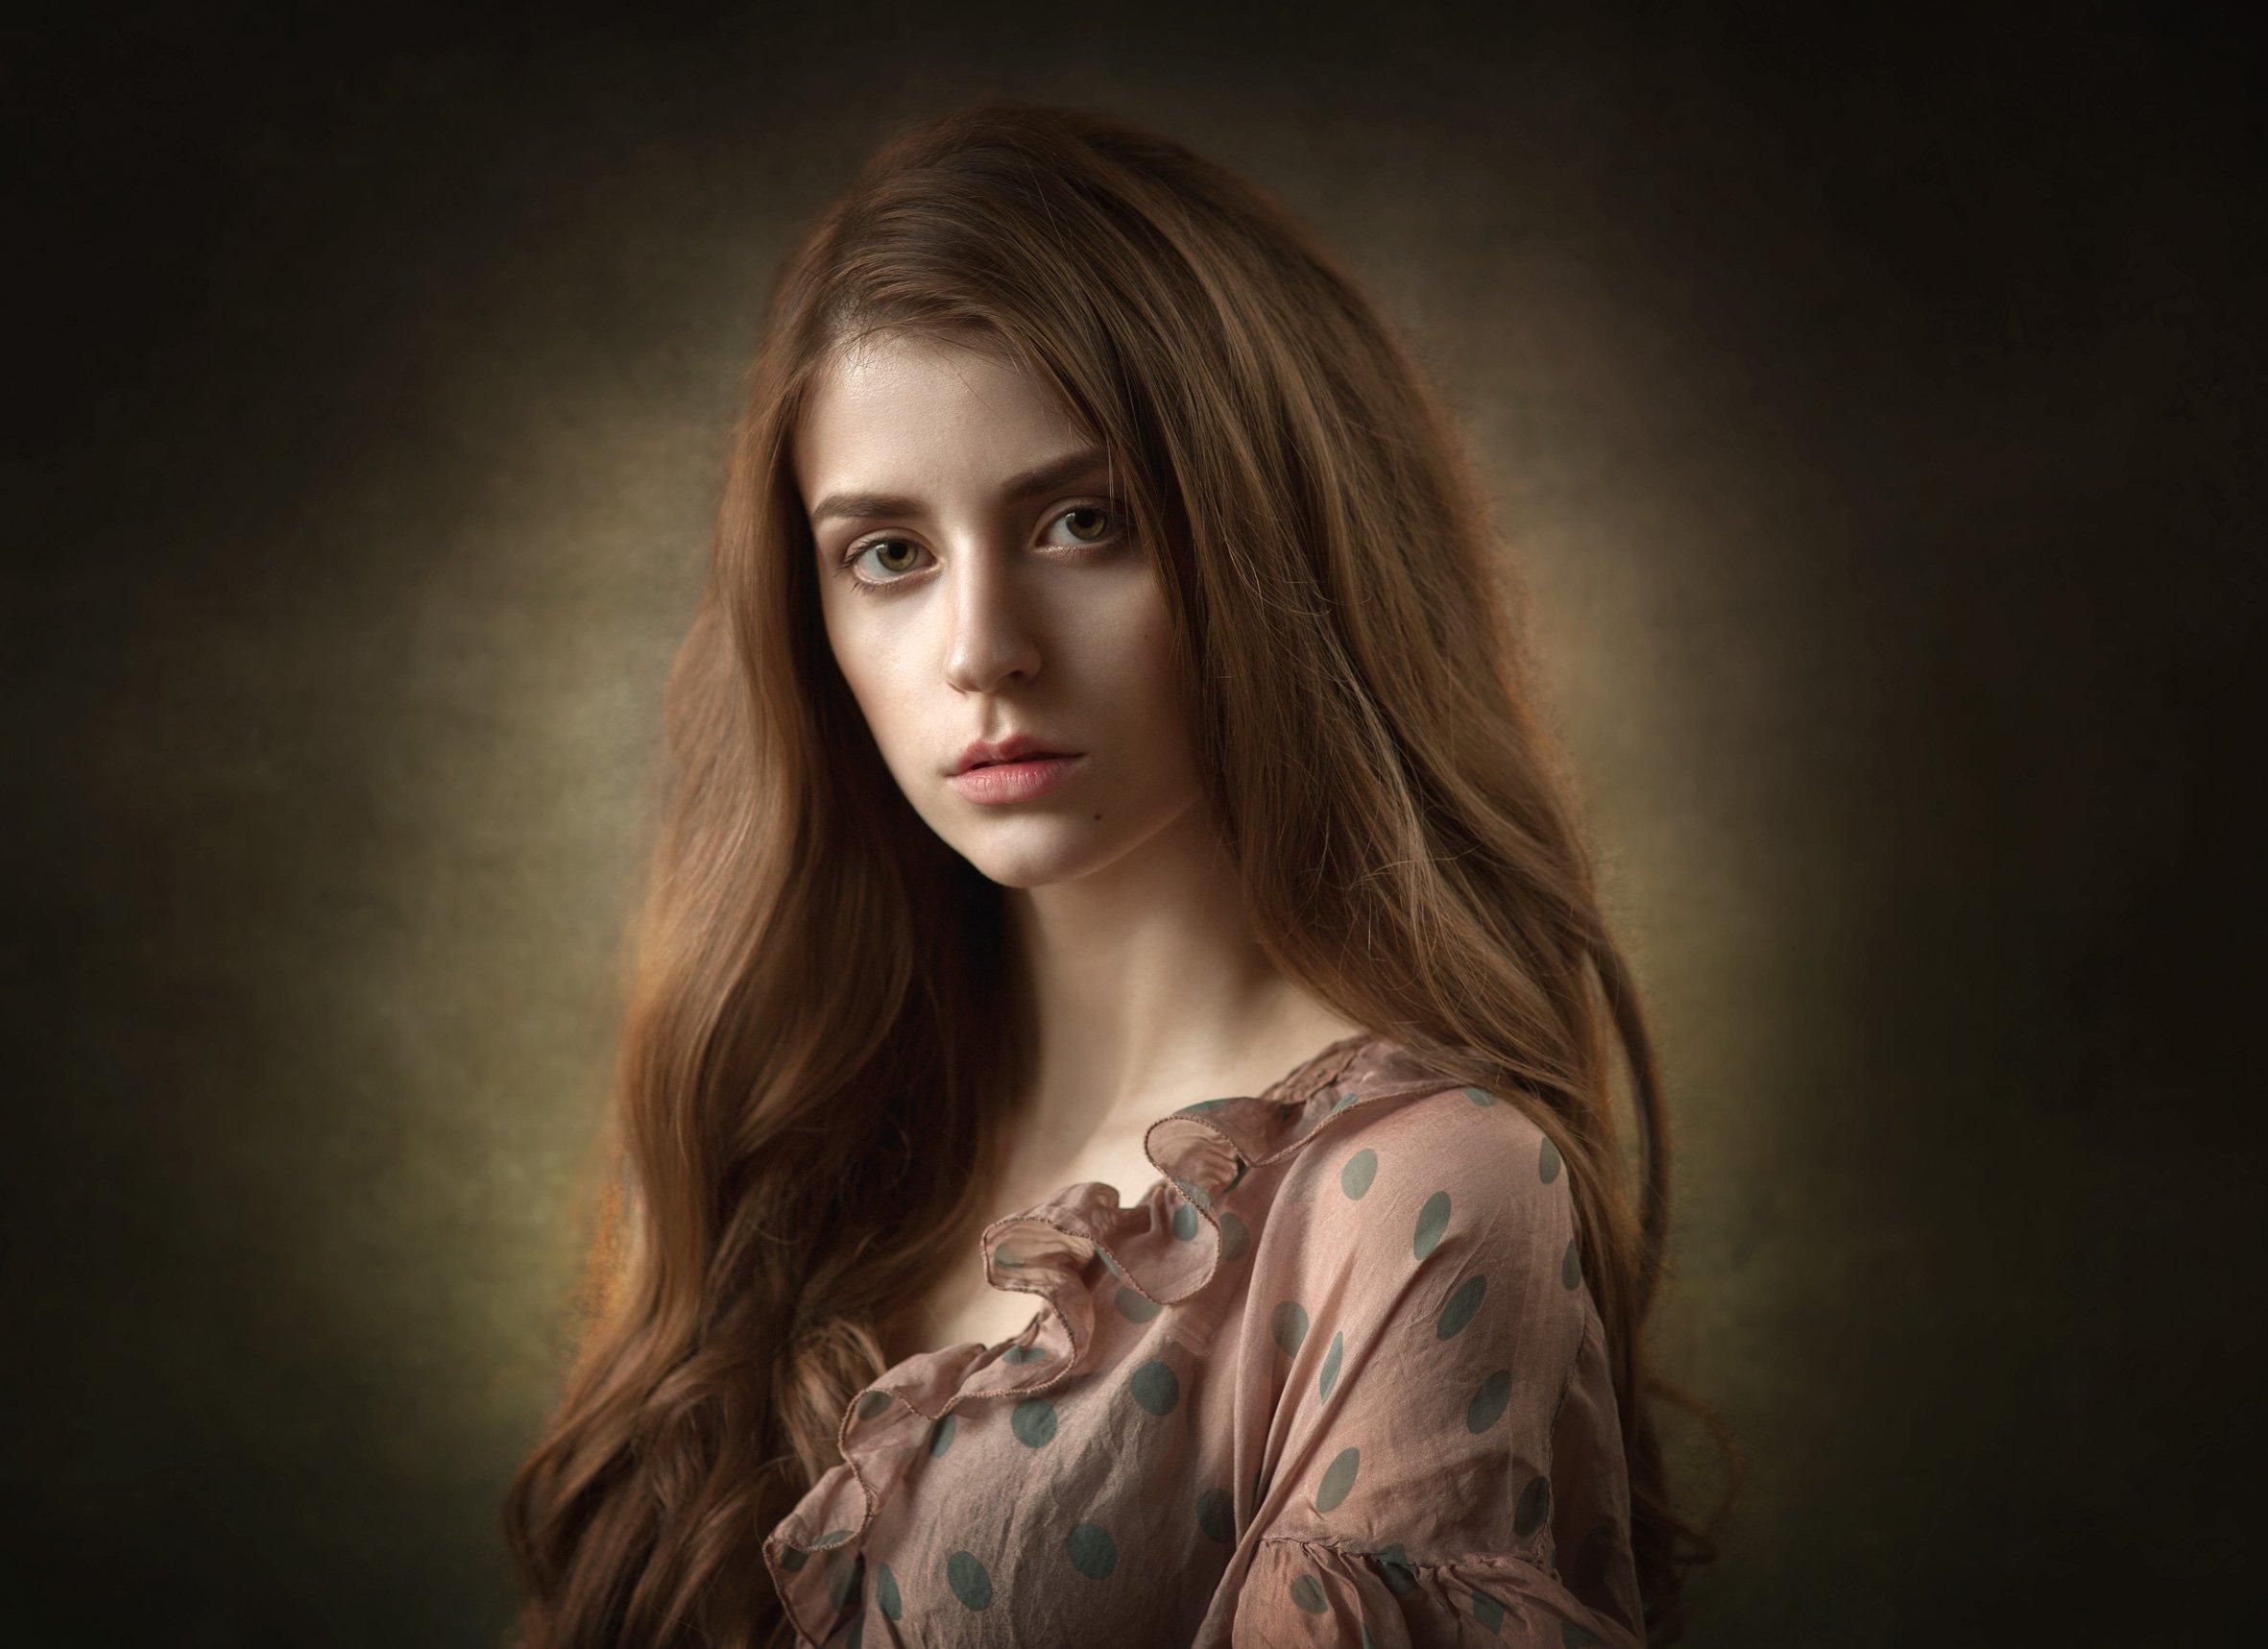 портрет девушки, студия, естественный свет, Бутвиловский Дмитрий